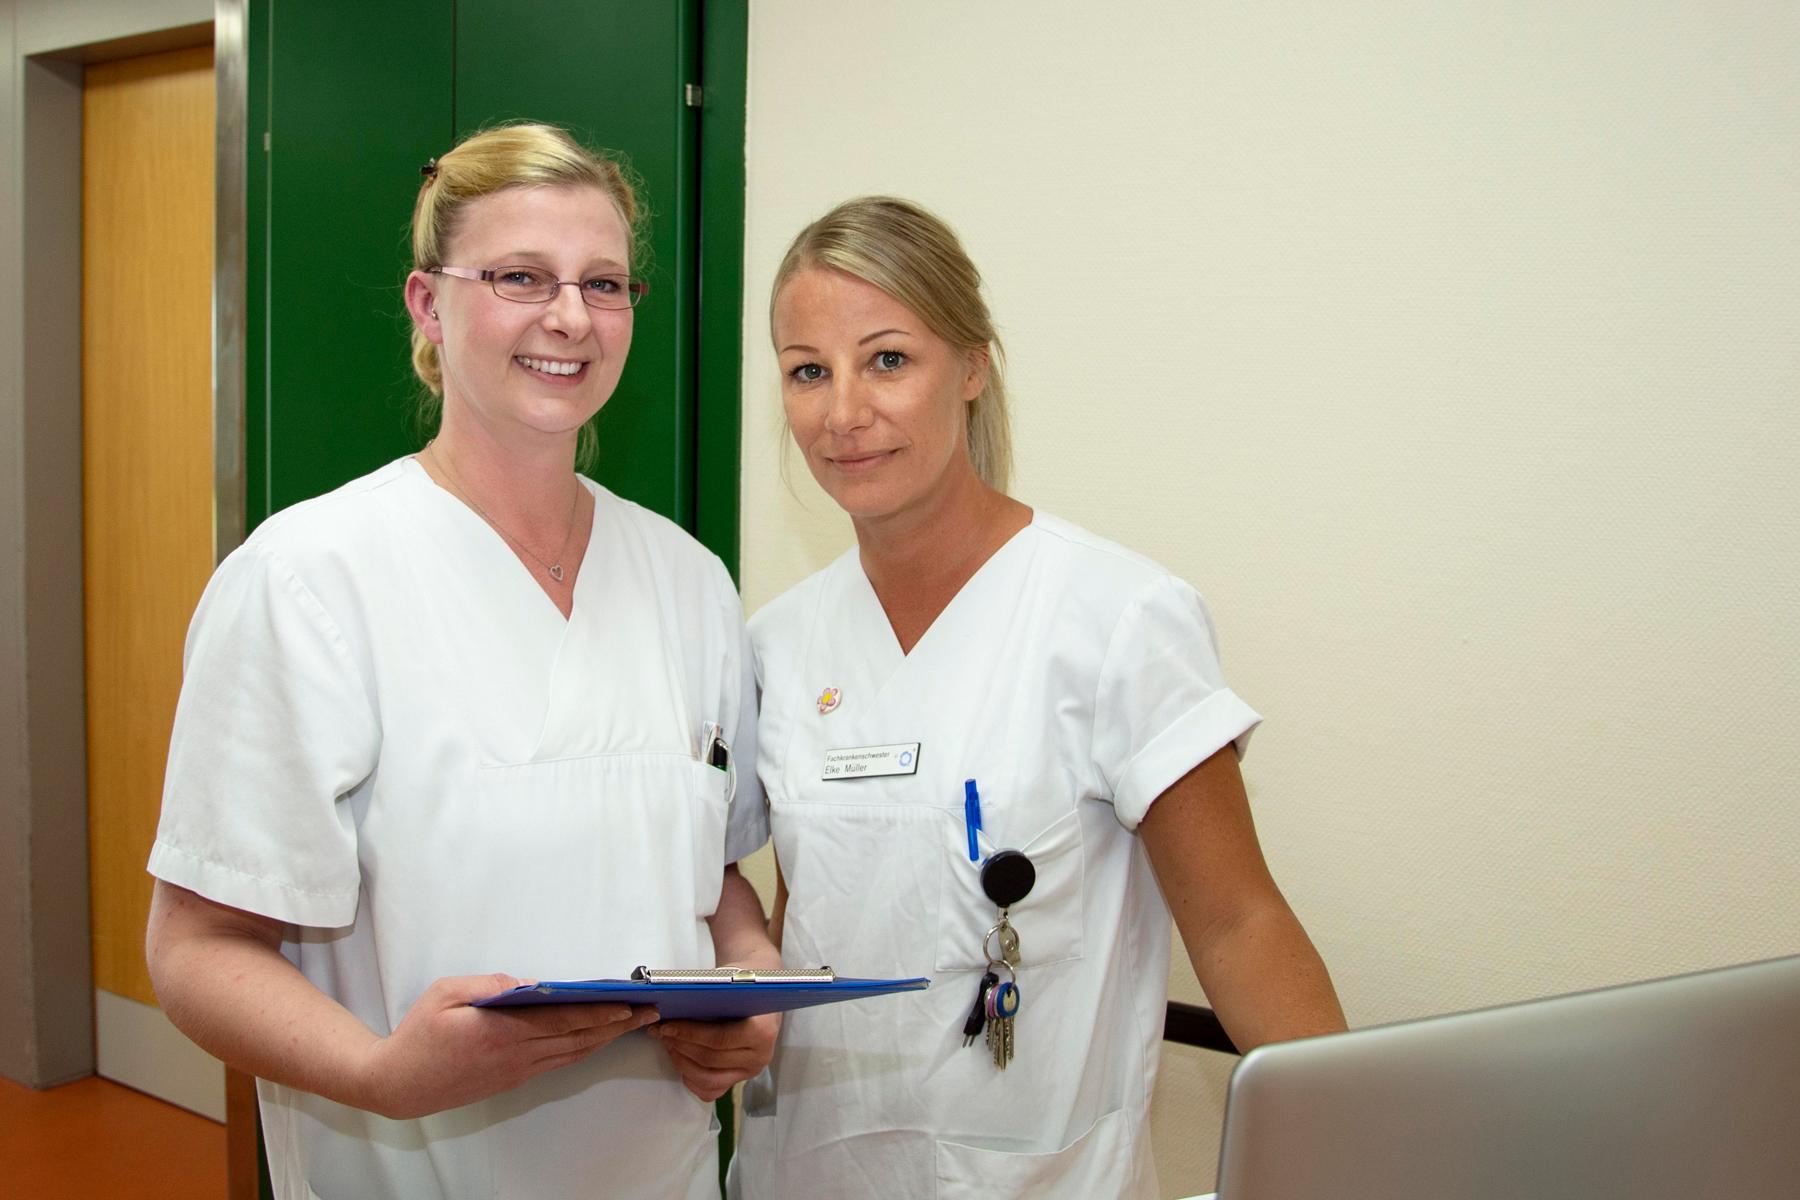 Verena Habermeier und Elke Müller, zwei Krankenschwestern im Klinikum Ingolstadt auf Station